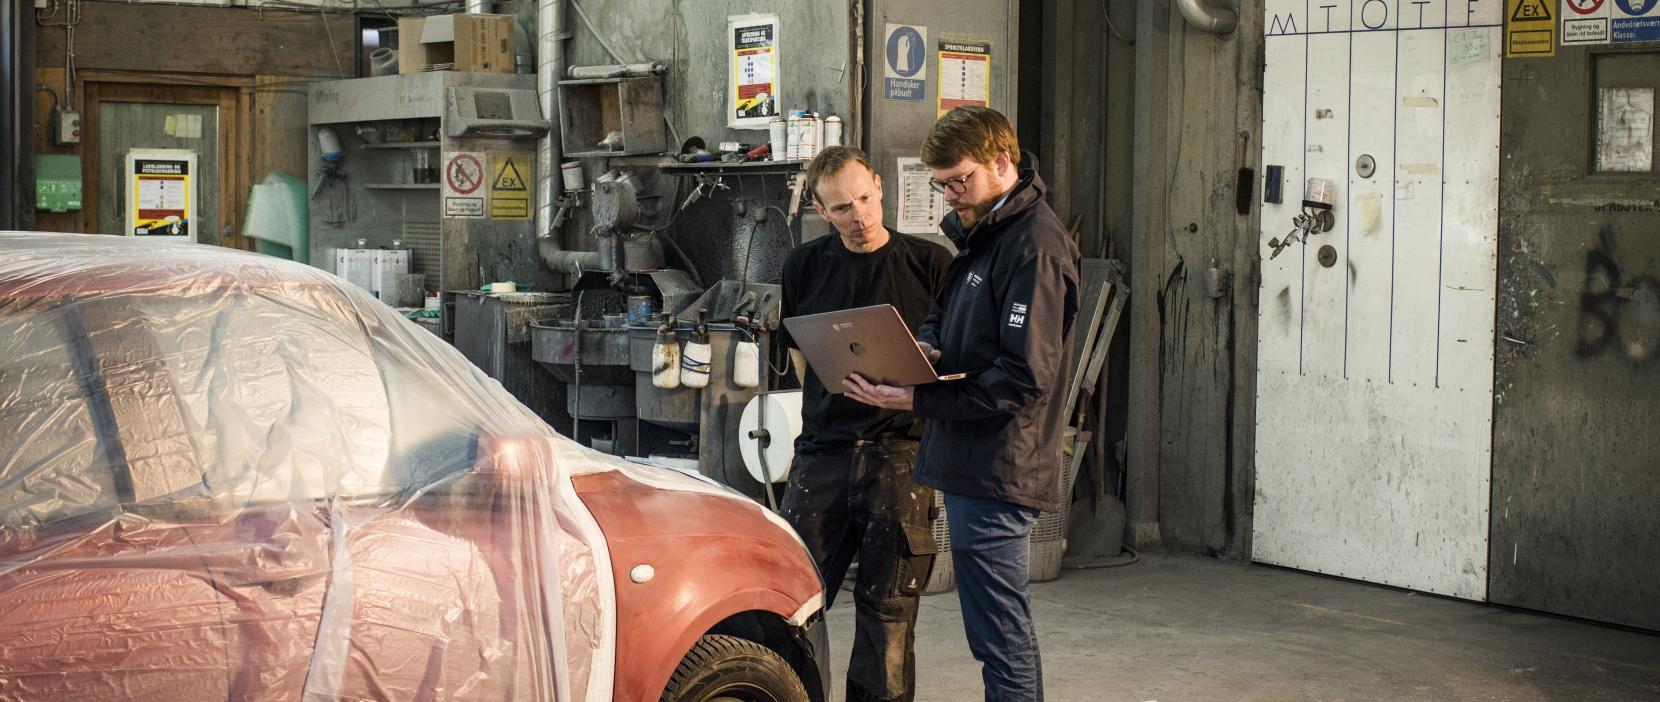 Miljømedarbejder og automekaniker står i autoværksted og kigger sammen på pc